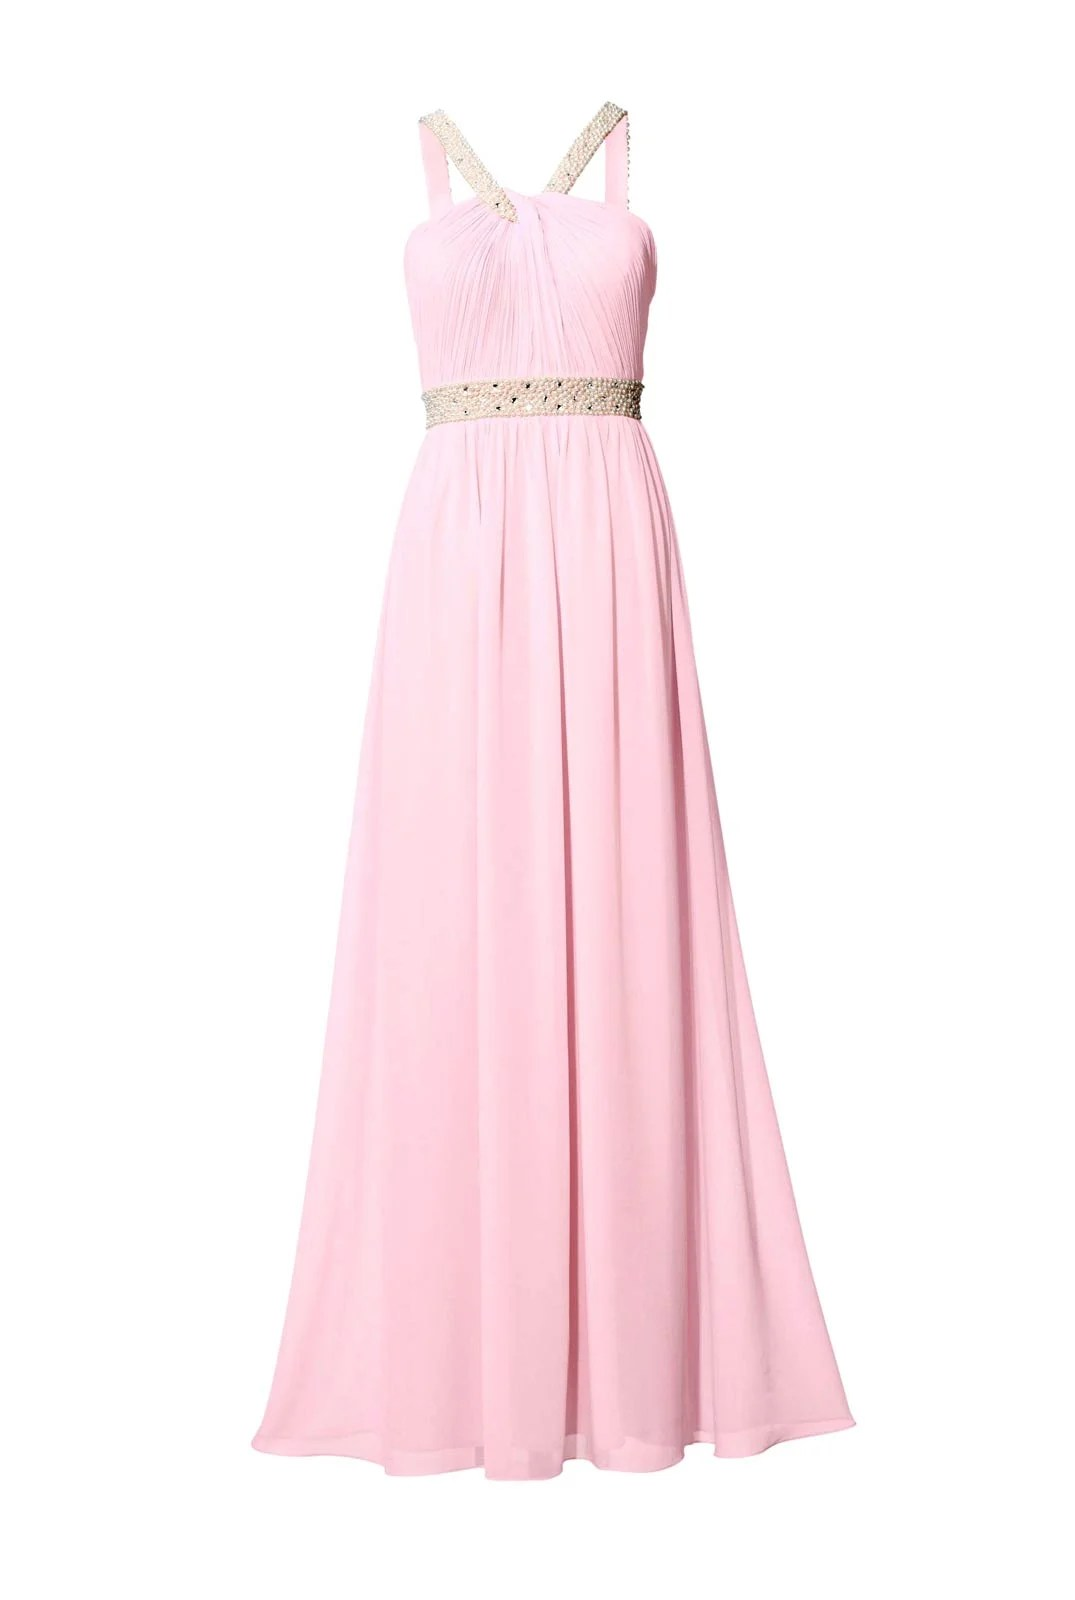 058.363 ASHLEY BROOKE Damen Designer-Abendkleid m. Perlen-Stickerei Rosé